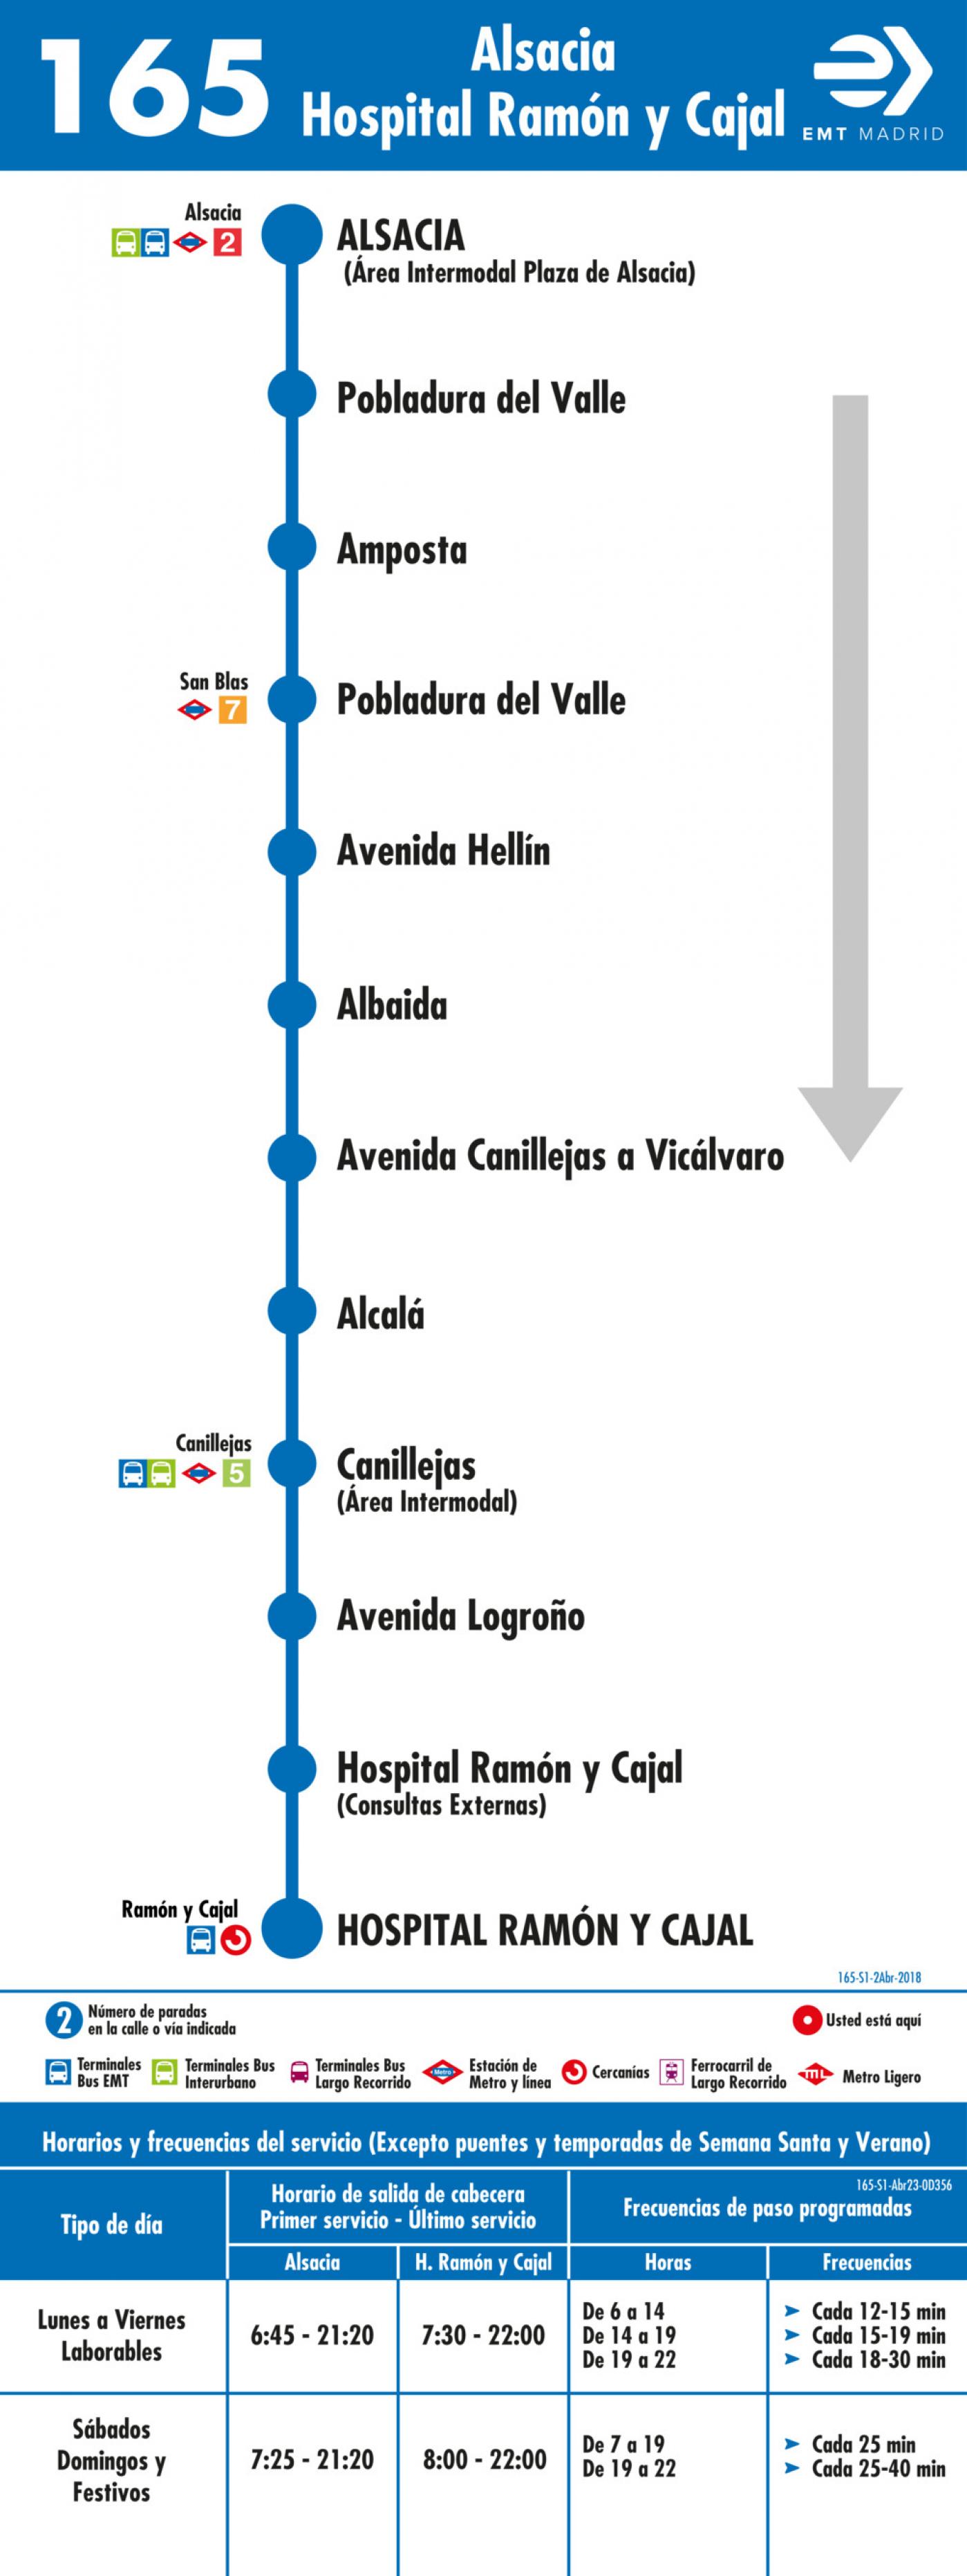 Tabla de horarios y frecuencias de paso en sentido ida Línea 165: Alsacia - Hospital Ramón y Cajal